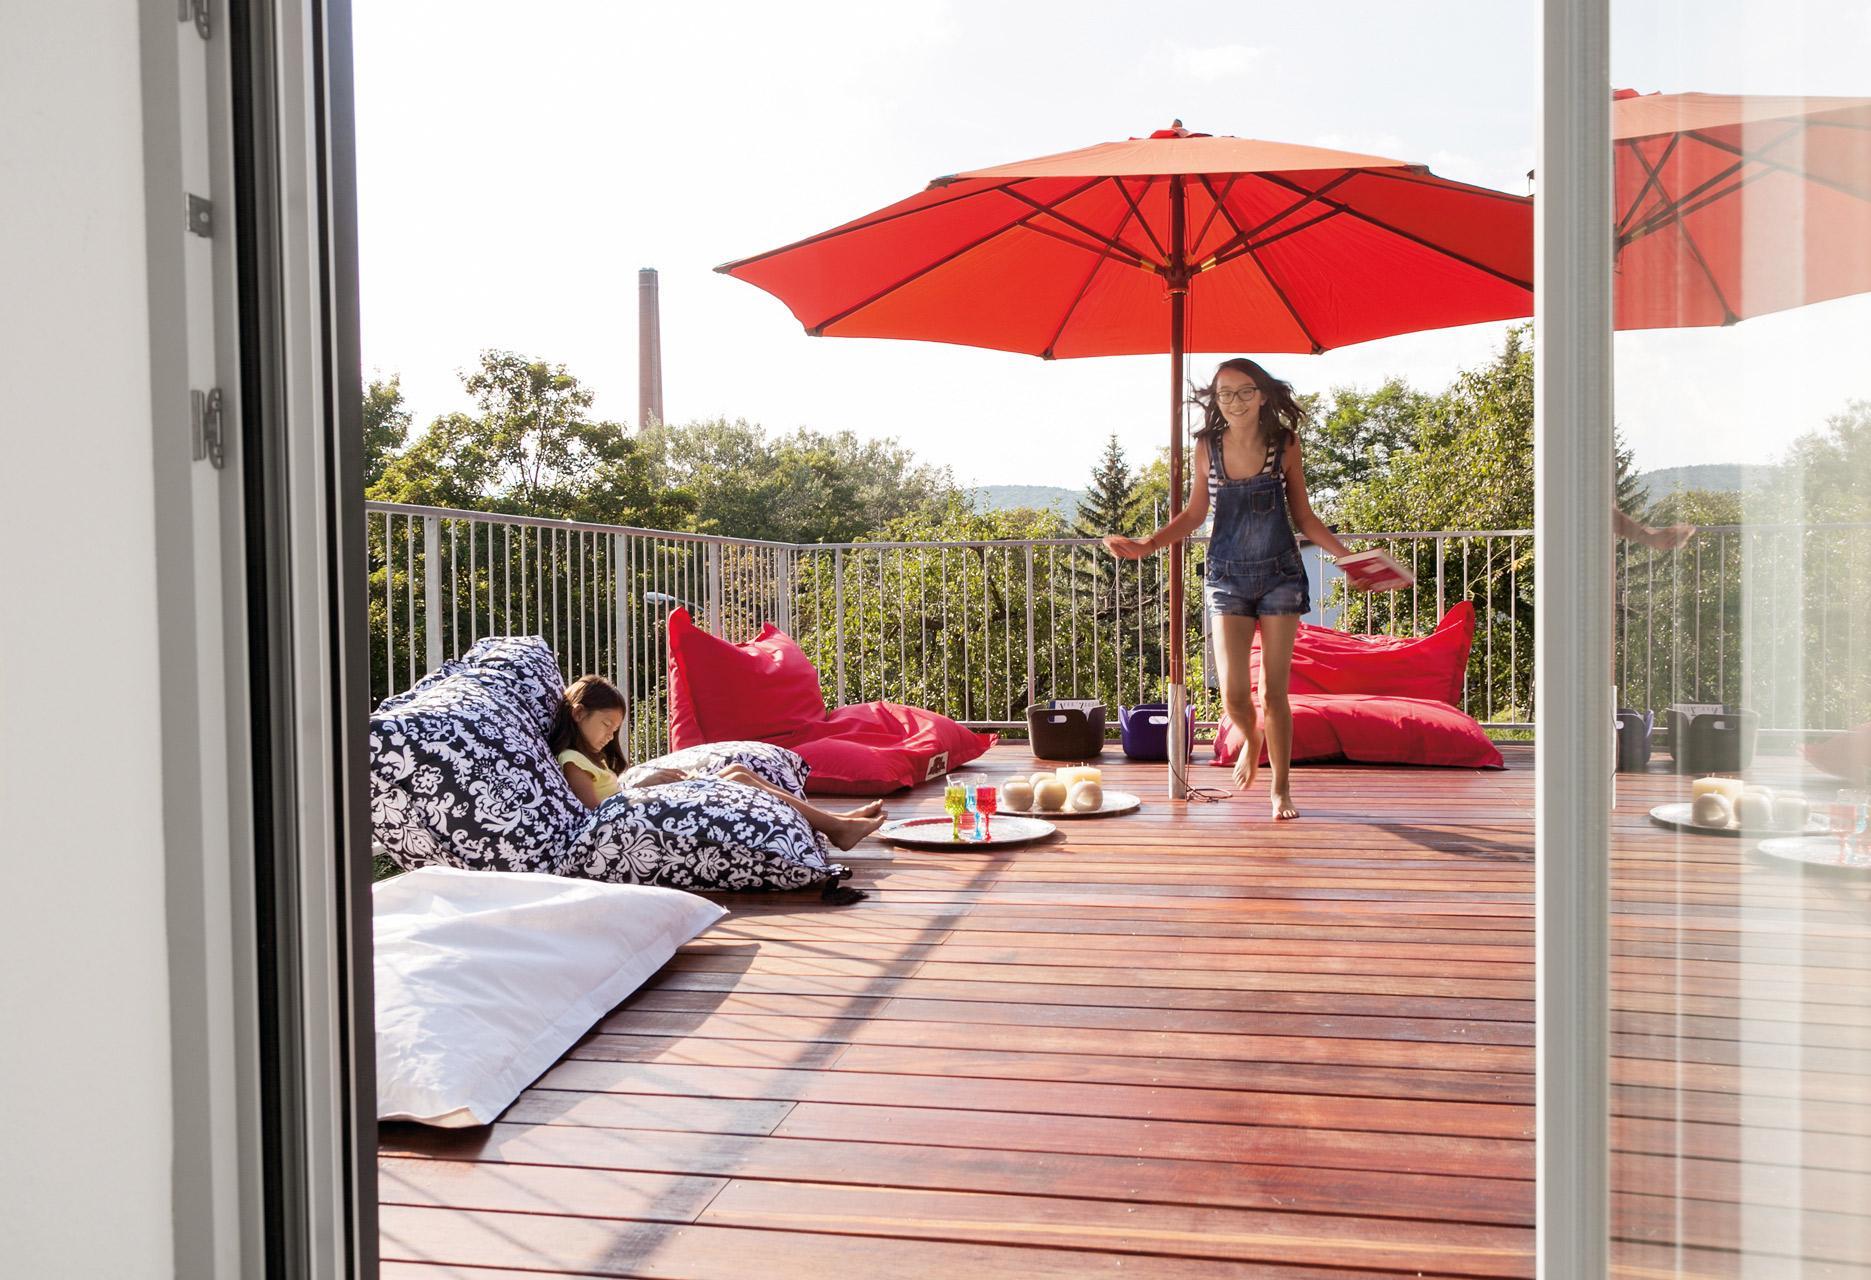 Plan E 20-186.1 - Ein großer roter Regenschirm sitzt vor einem Fenster - Umgebung